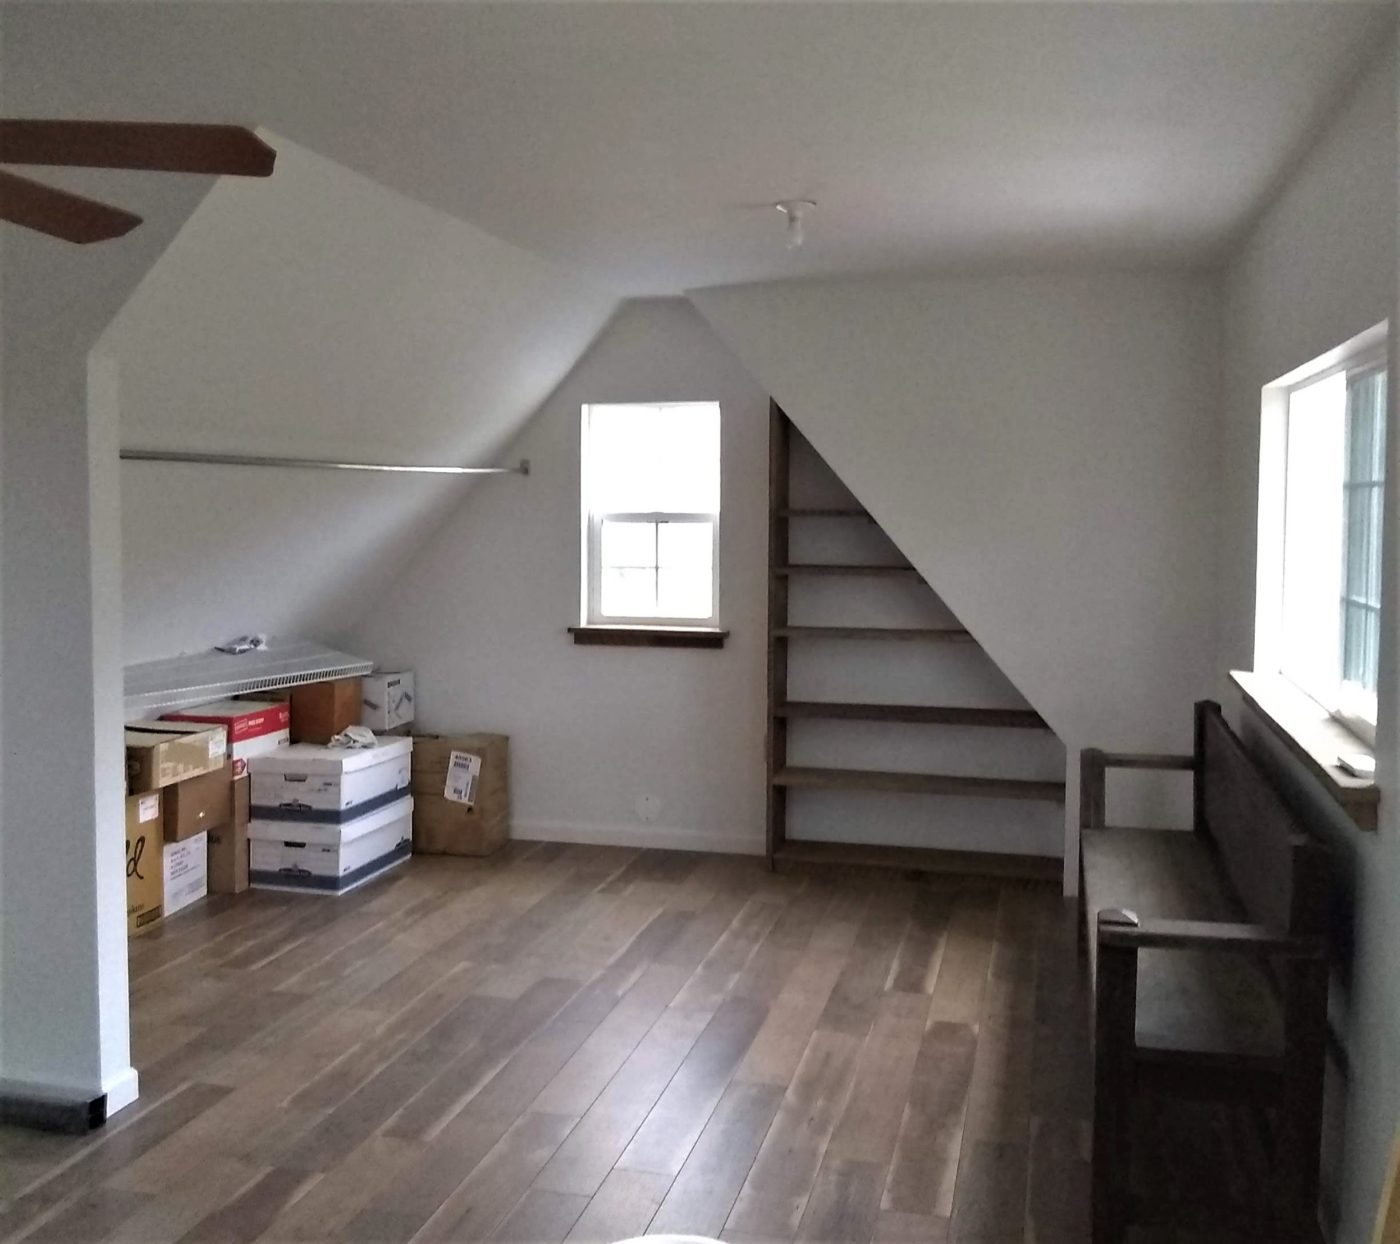 second floor of garage